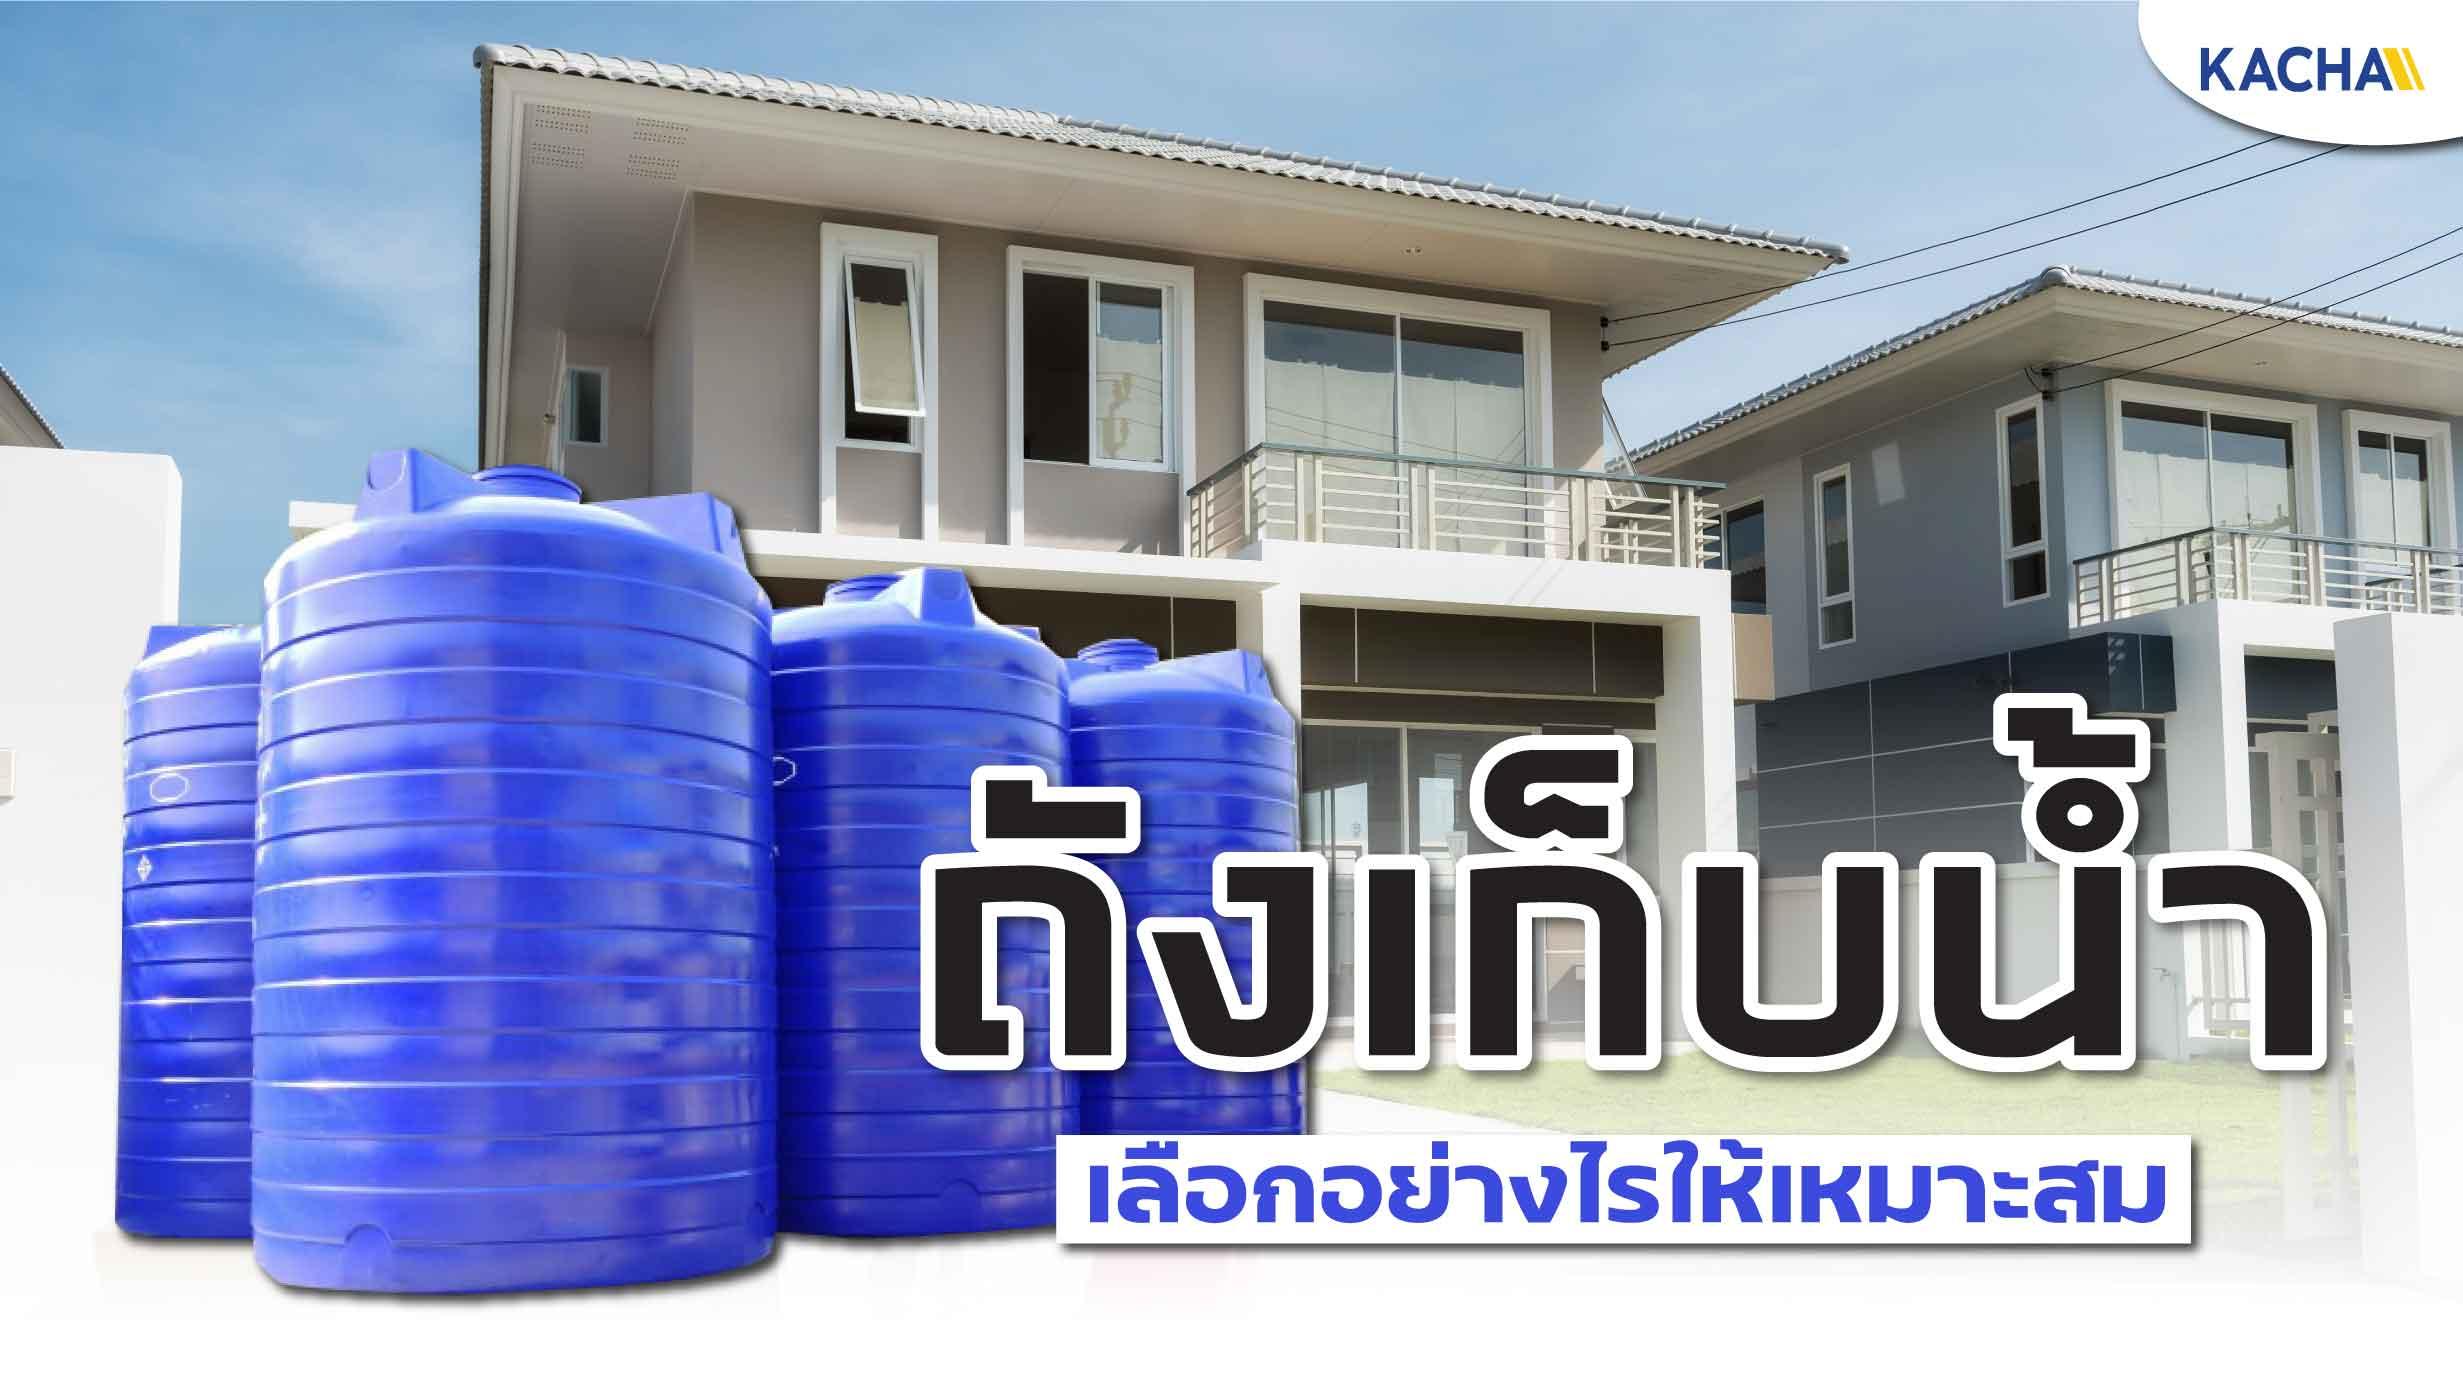 210424-Content-เคล็ดลับการเลือก-ถังเก็บน้ำ-ให้เหมาะกับบ้านทำได้อย่างไร01